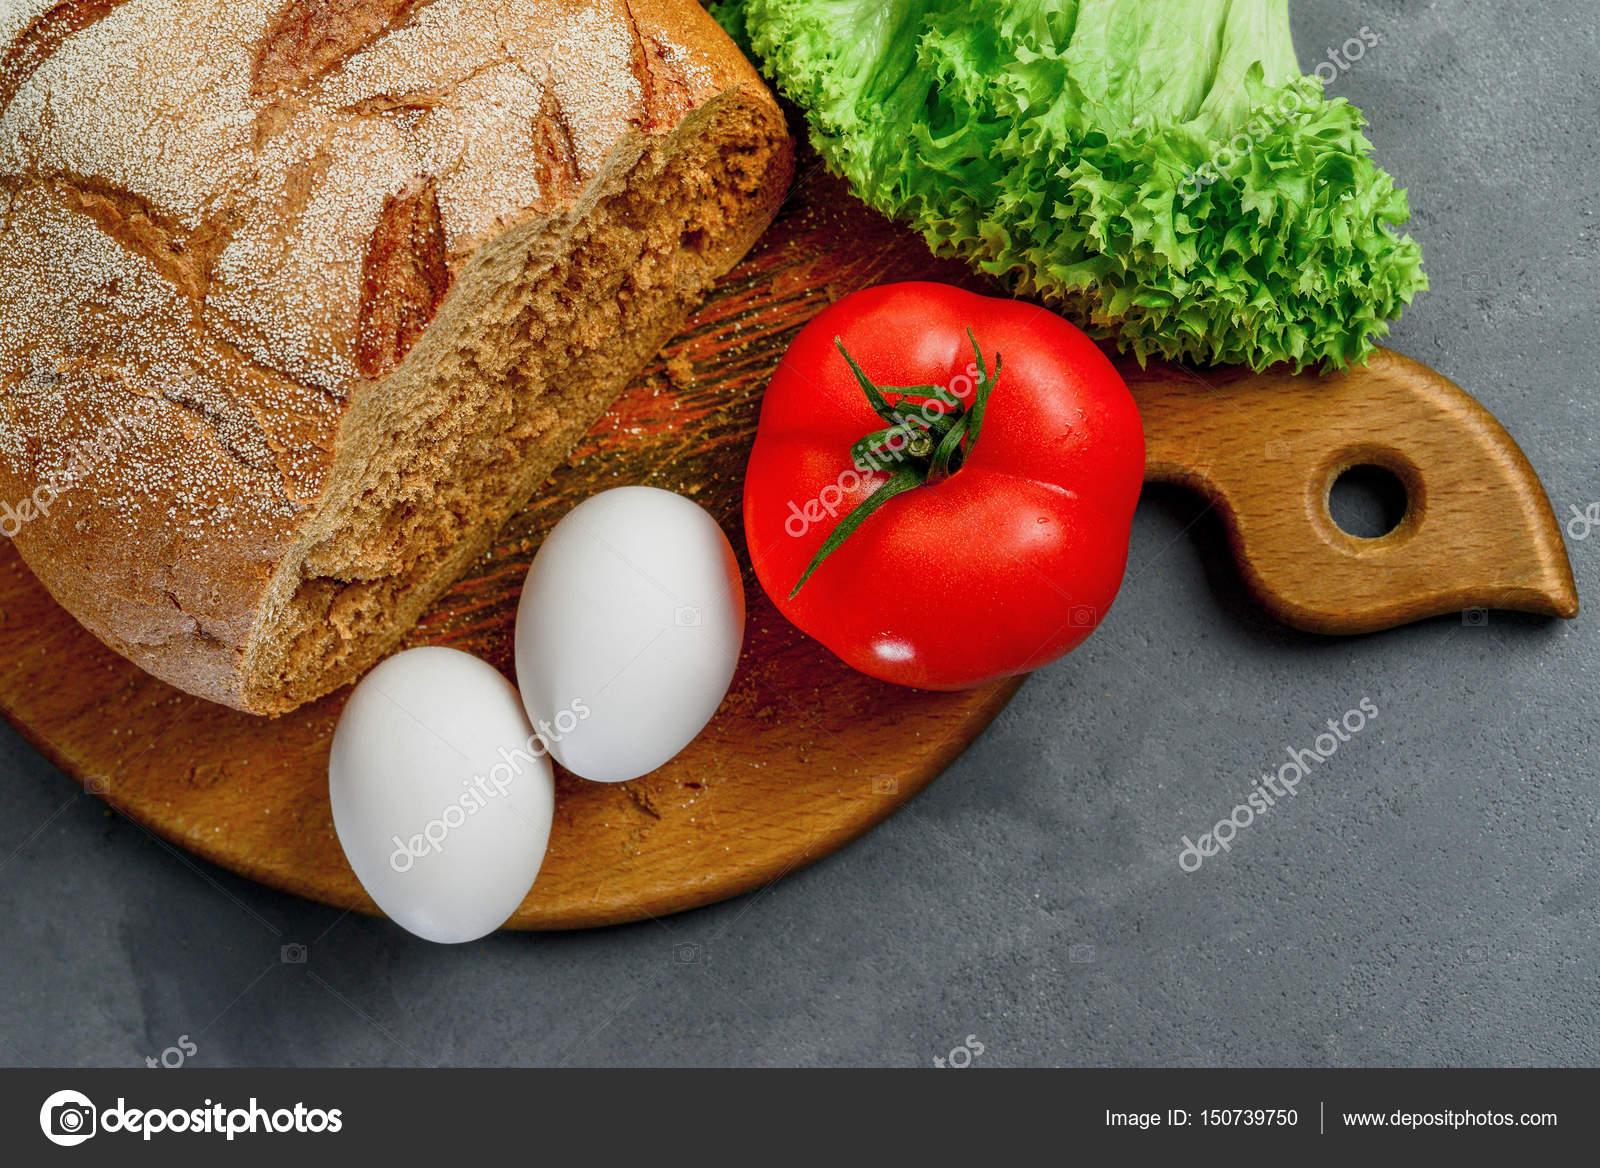 Cocinar Lechuga | Huevos Tomate Hojas De Lechuga Pan Tabla De Madera Con